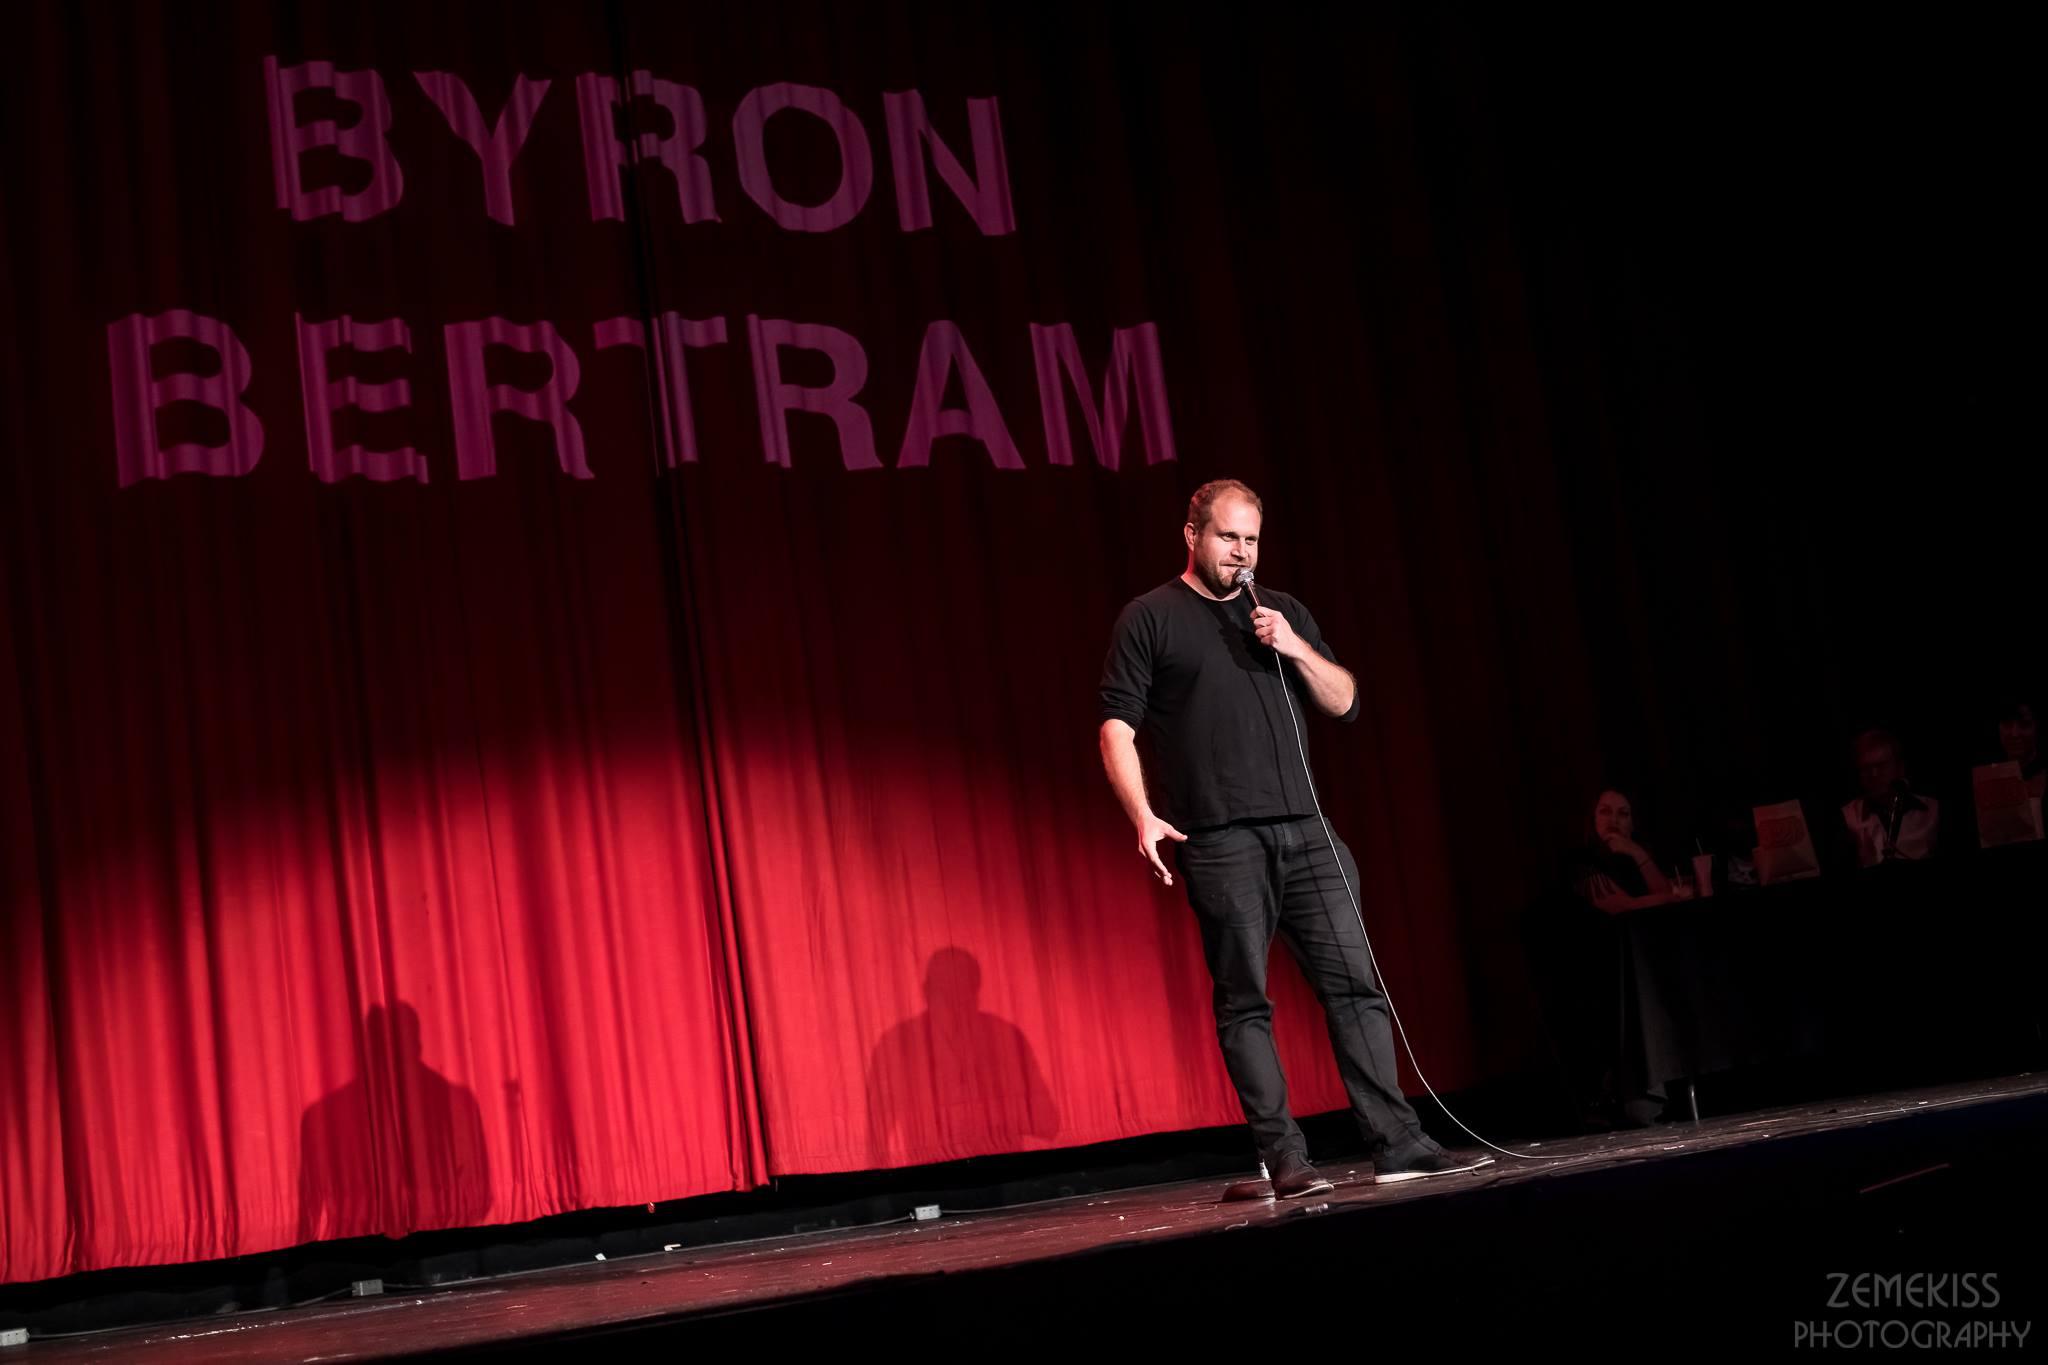 Bryon Bertram